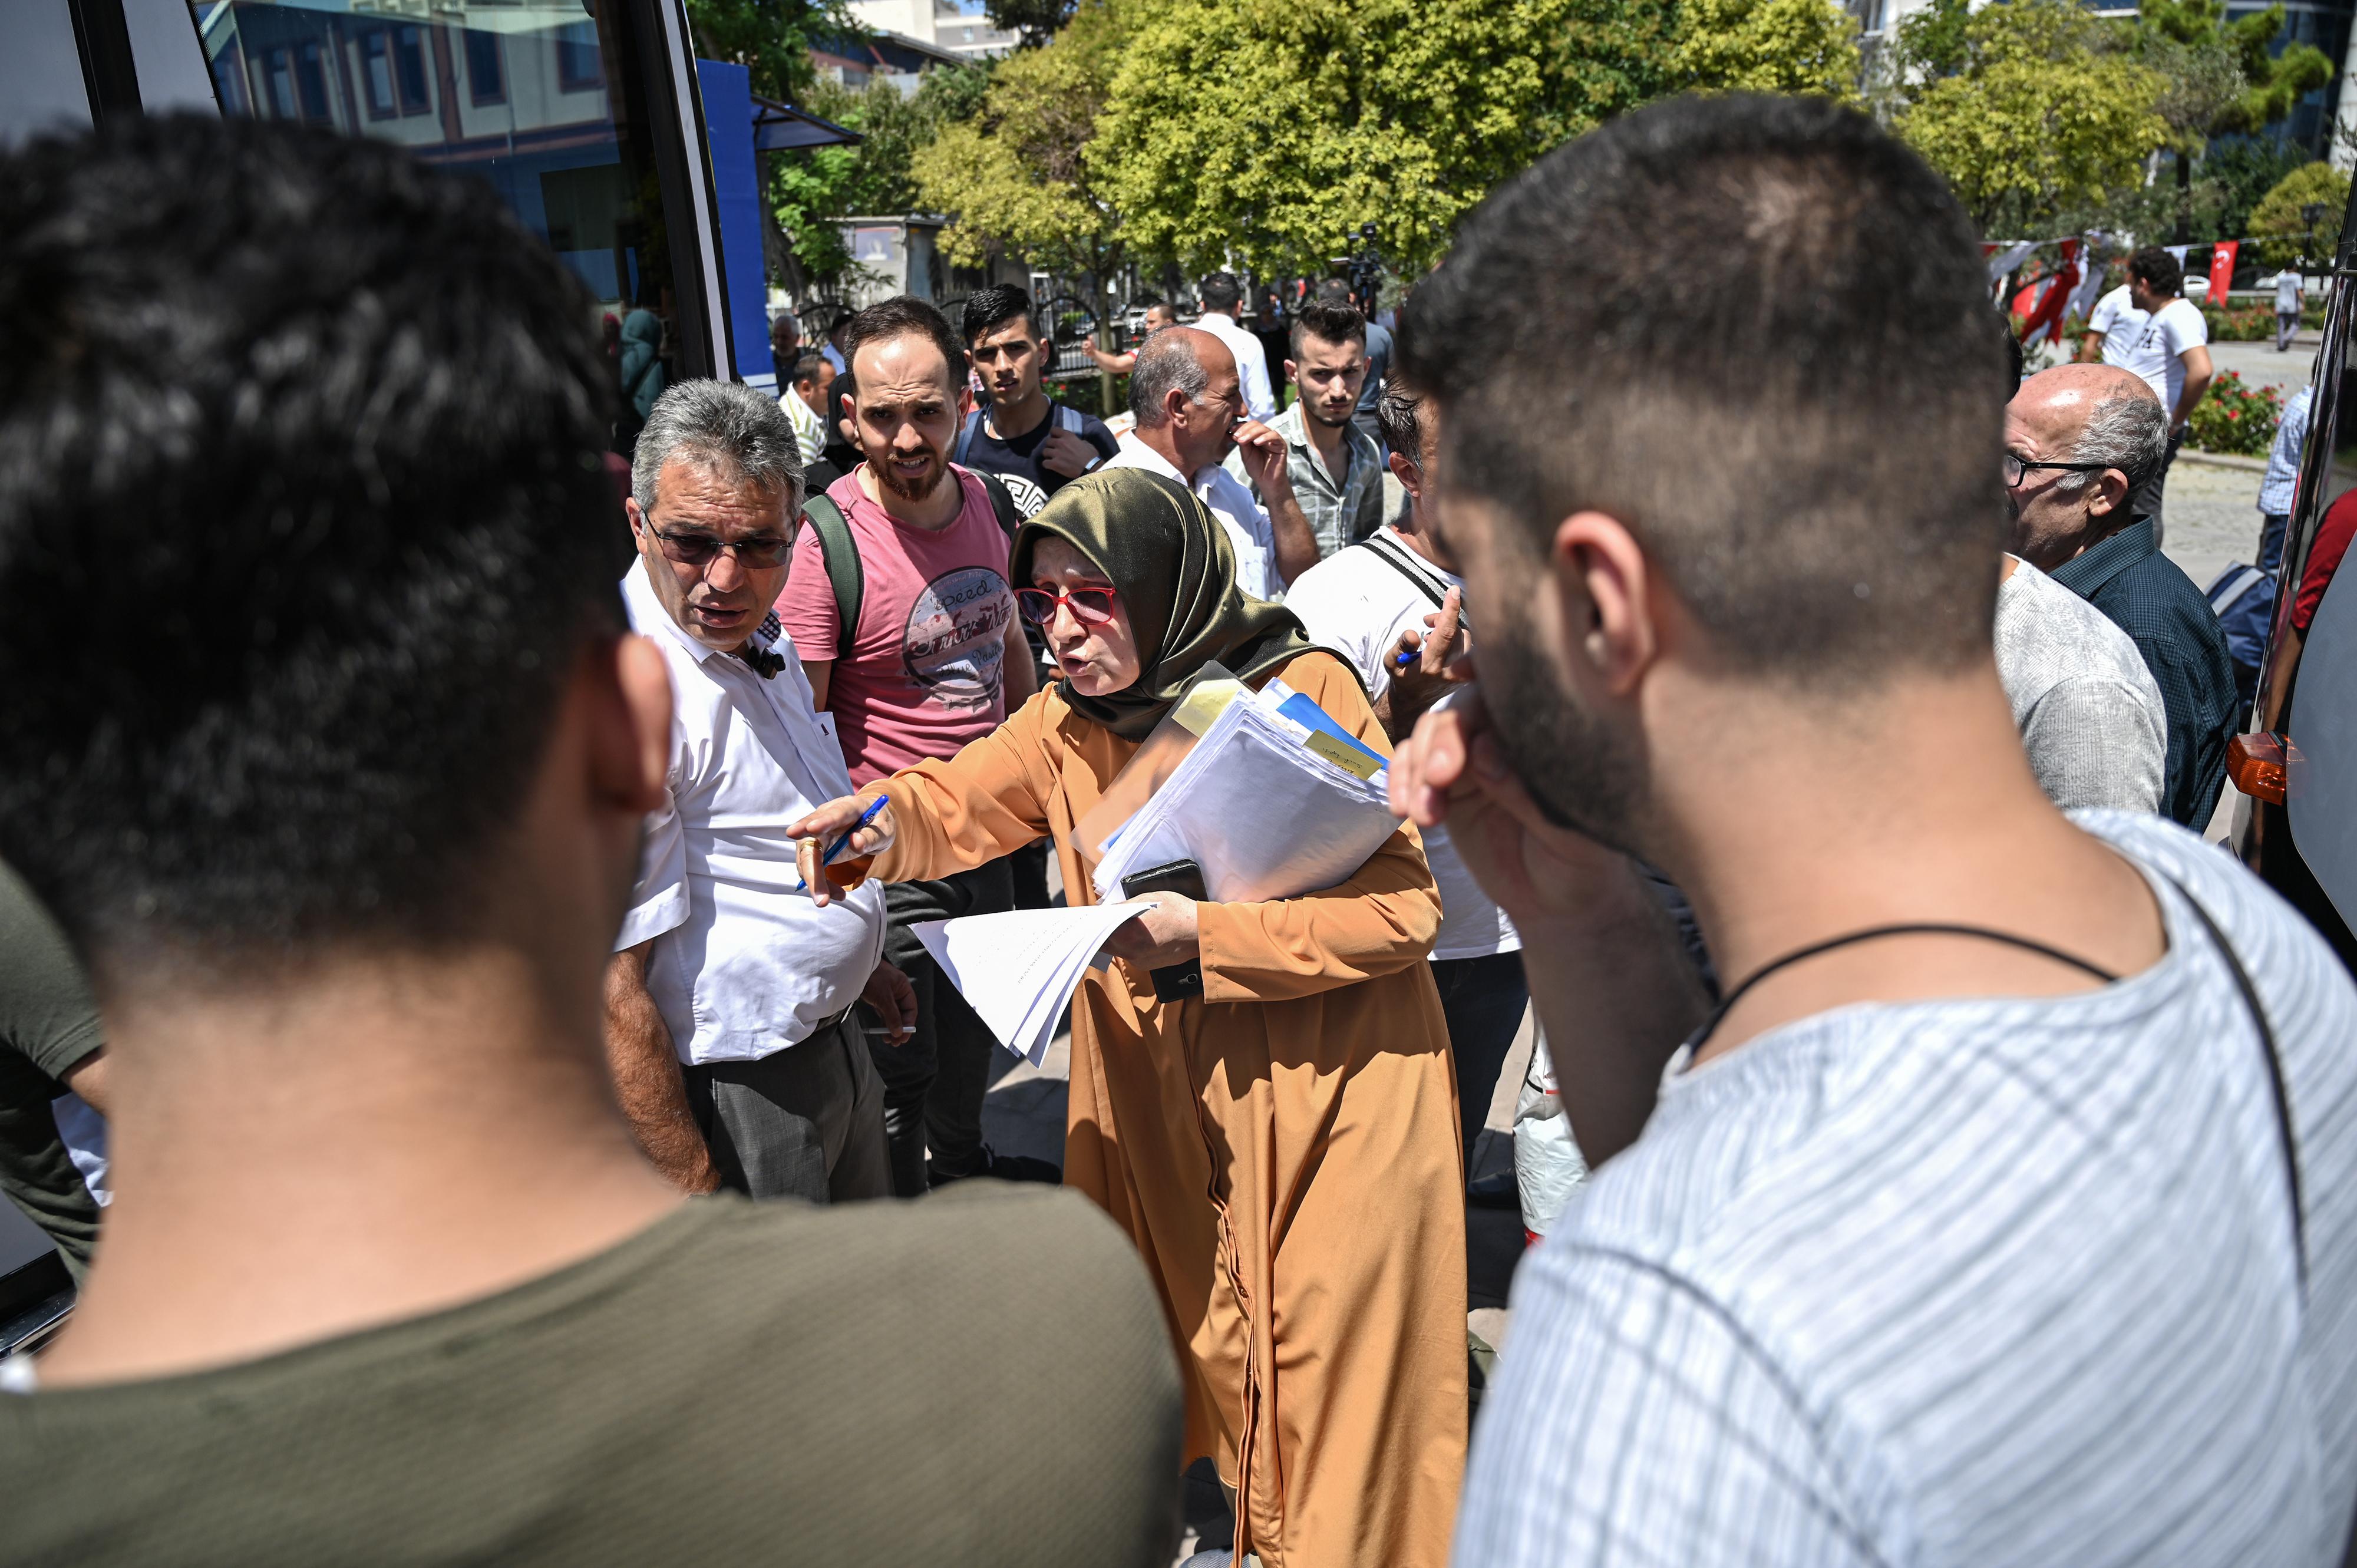 """رجال أمن من بلدية إسطنبول ينادون على أسماء لاجئين سوريين خلال إعادتهم """"طوعيا"""" إلى بلادهم - 6 أغسطس 2019"""